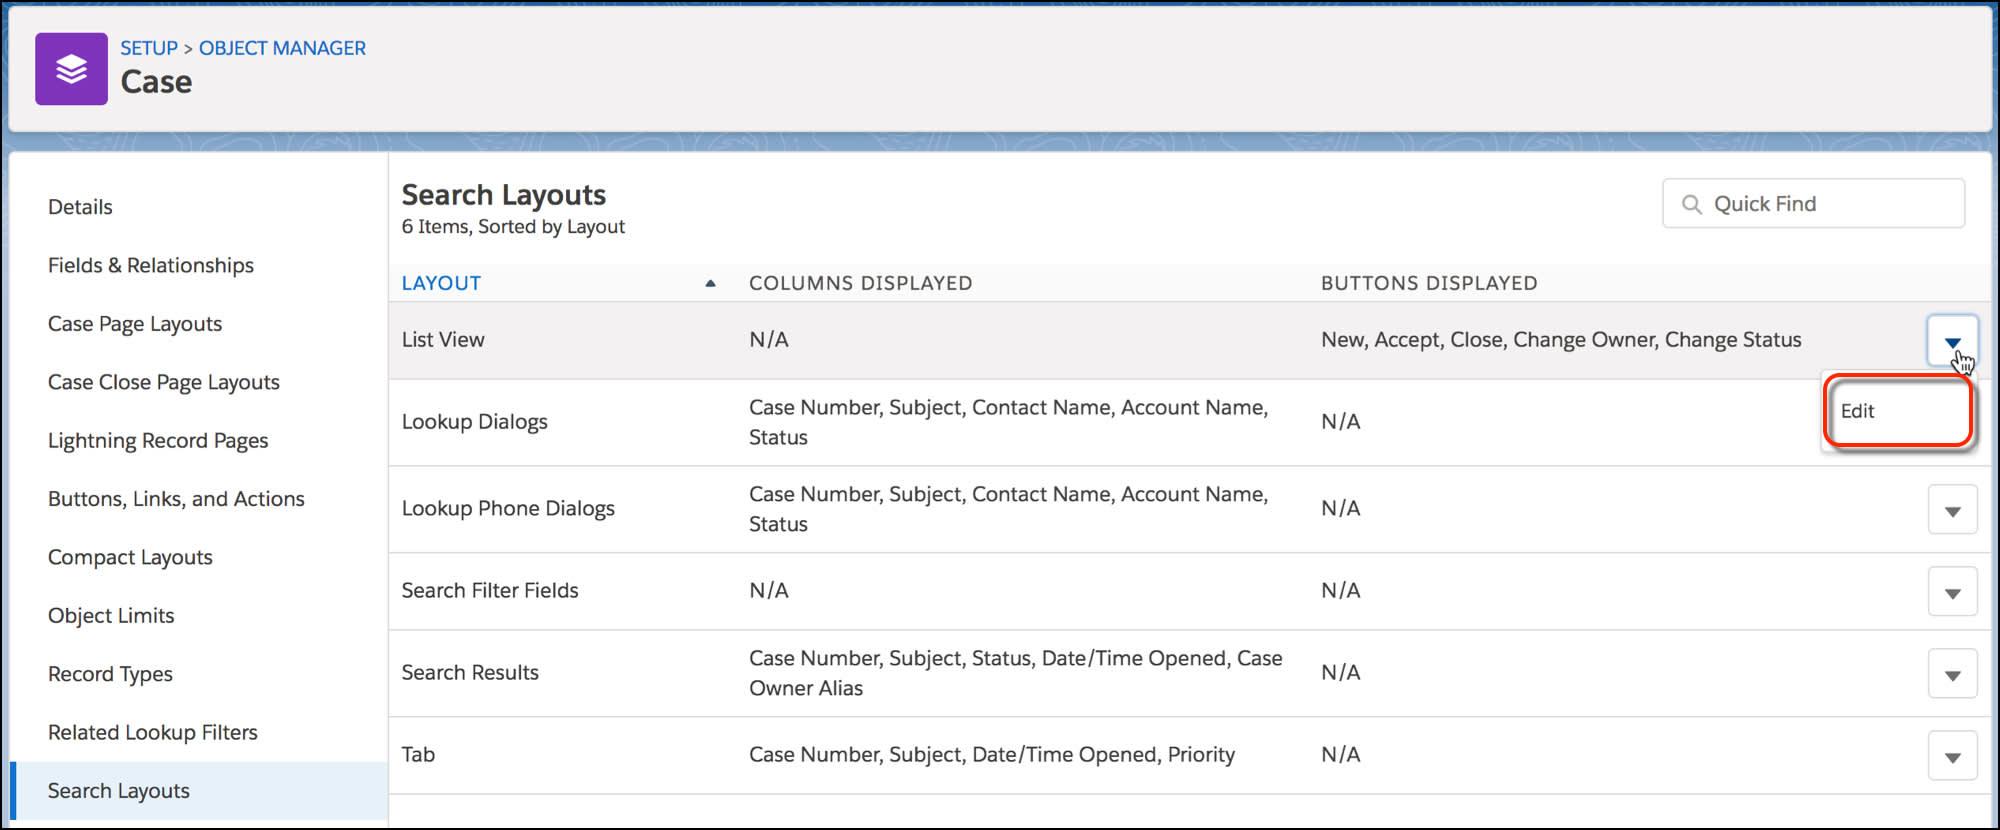 ケースオブジェクトの [検索レイアウト] ページで、[リストビュー] レイアウトの [編集] ボタンが表示されています。